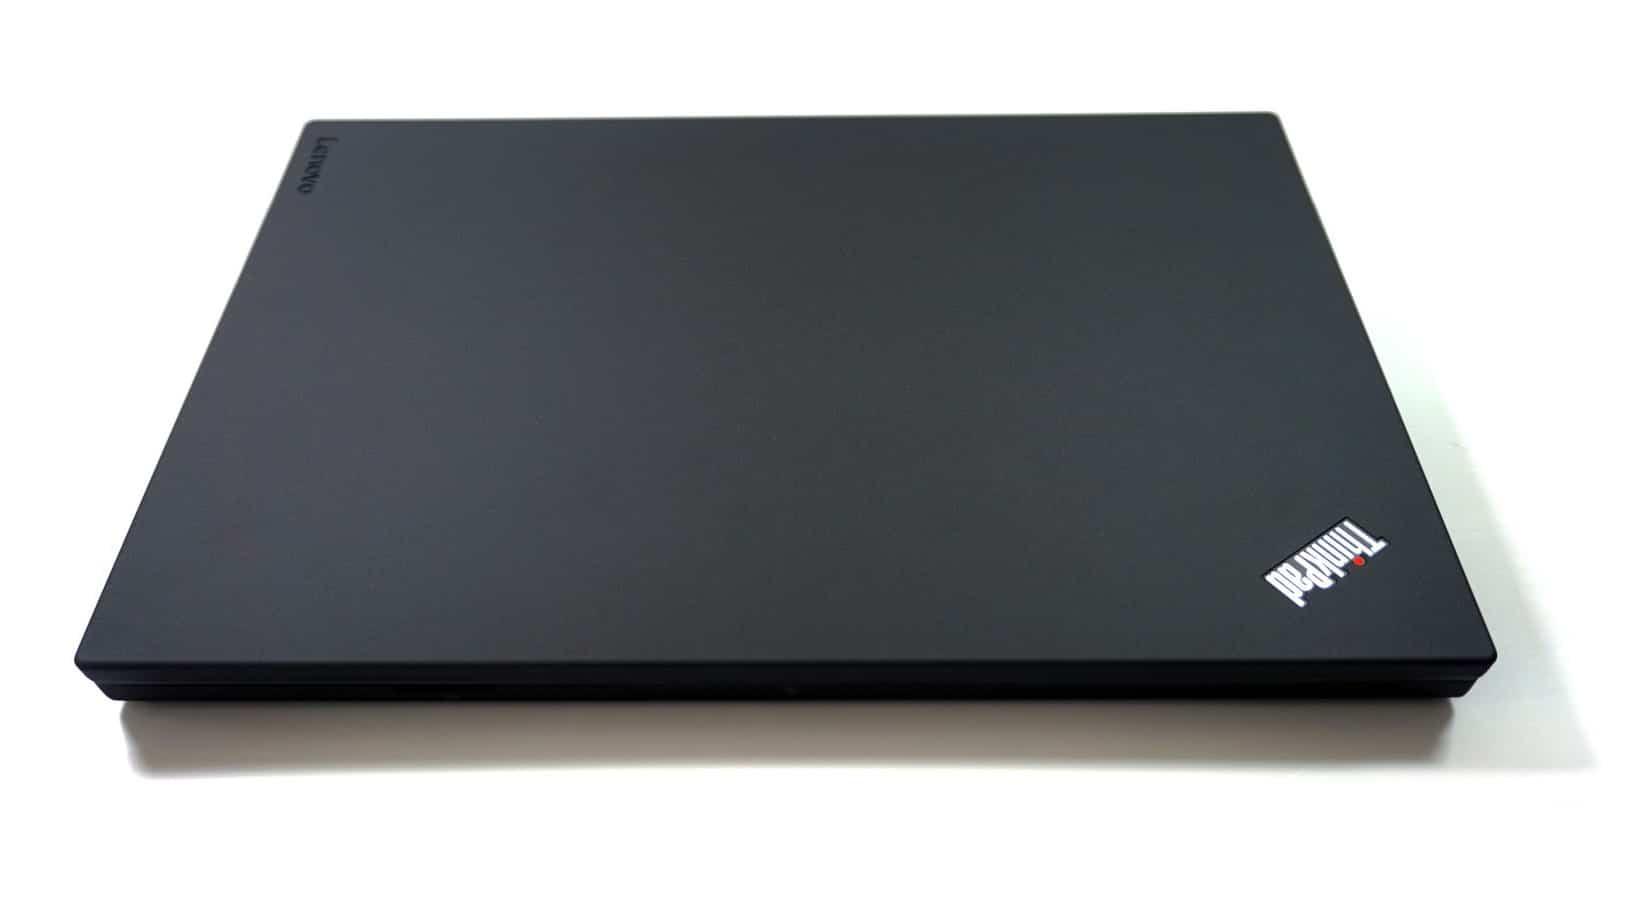 Lenovo ThinkPad T460p (2)